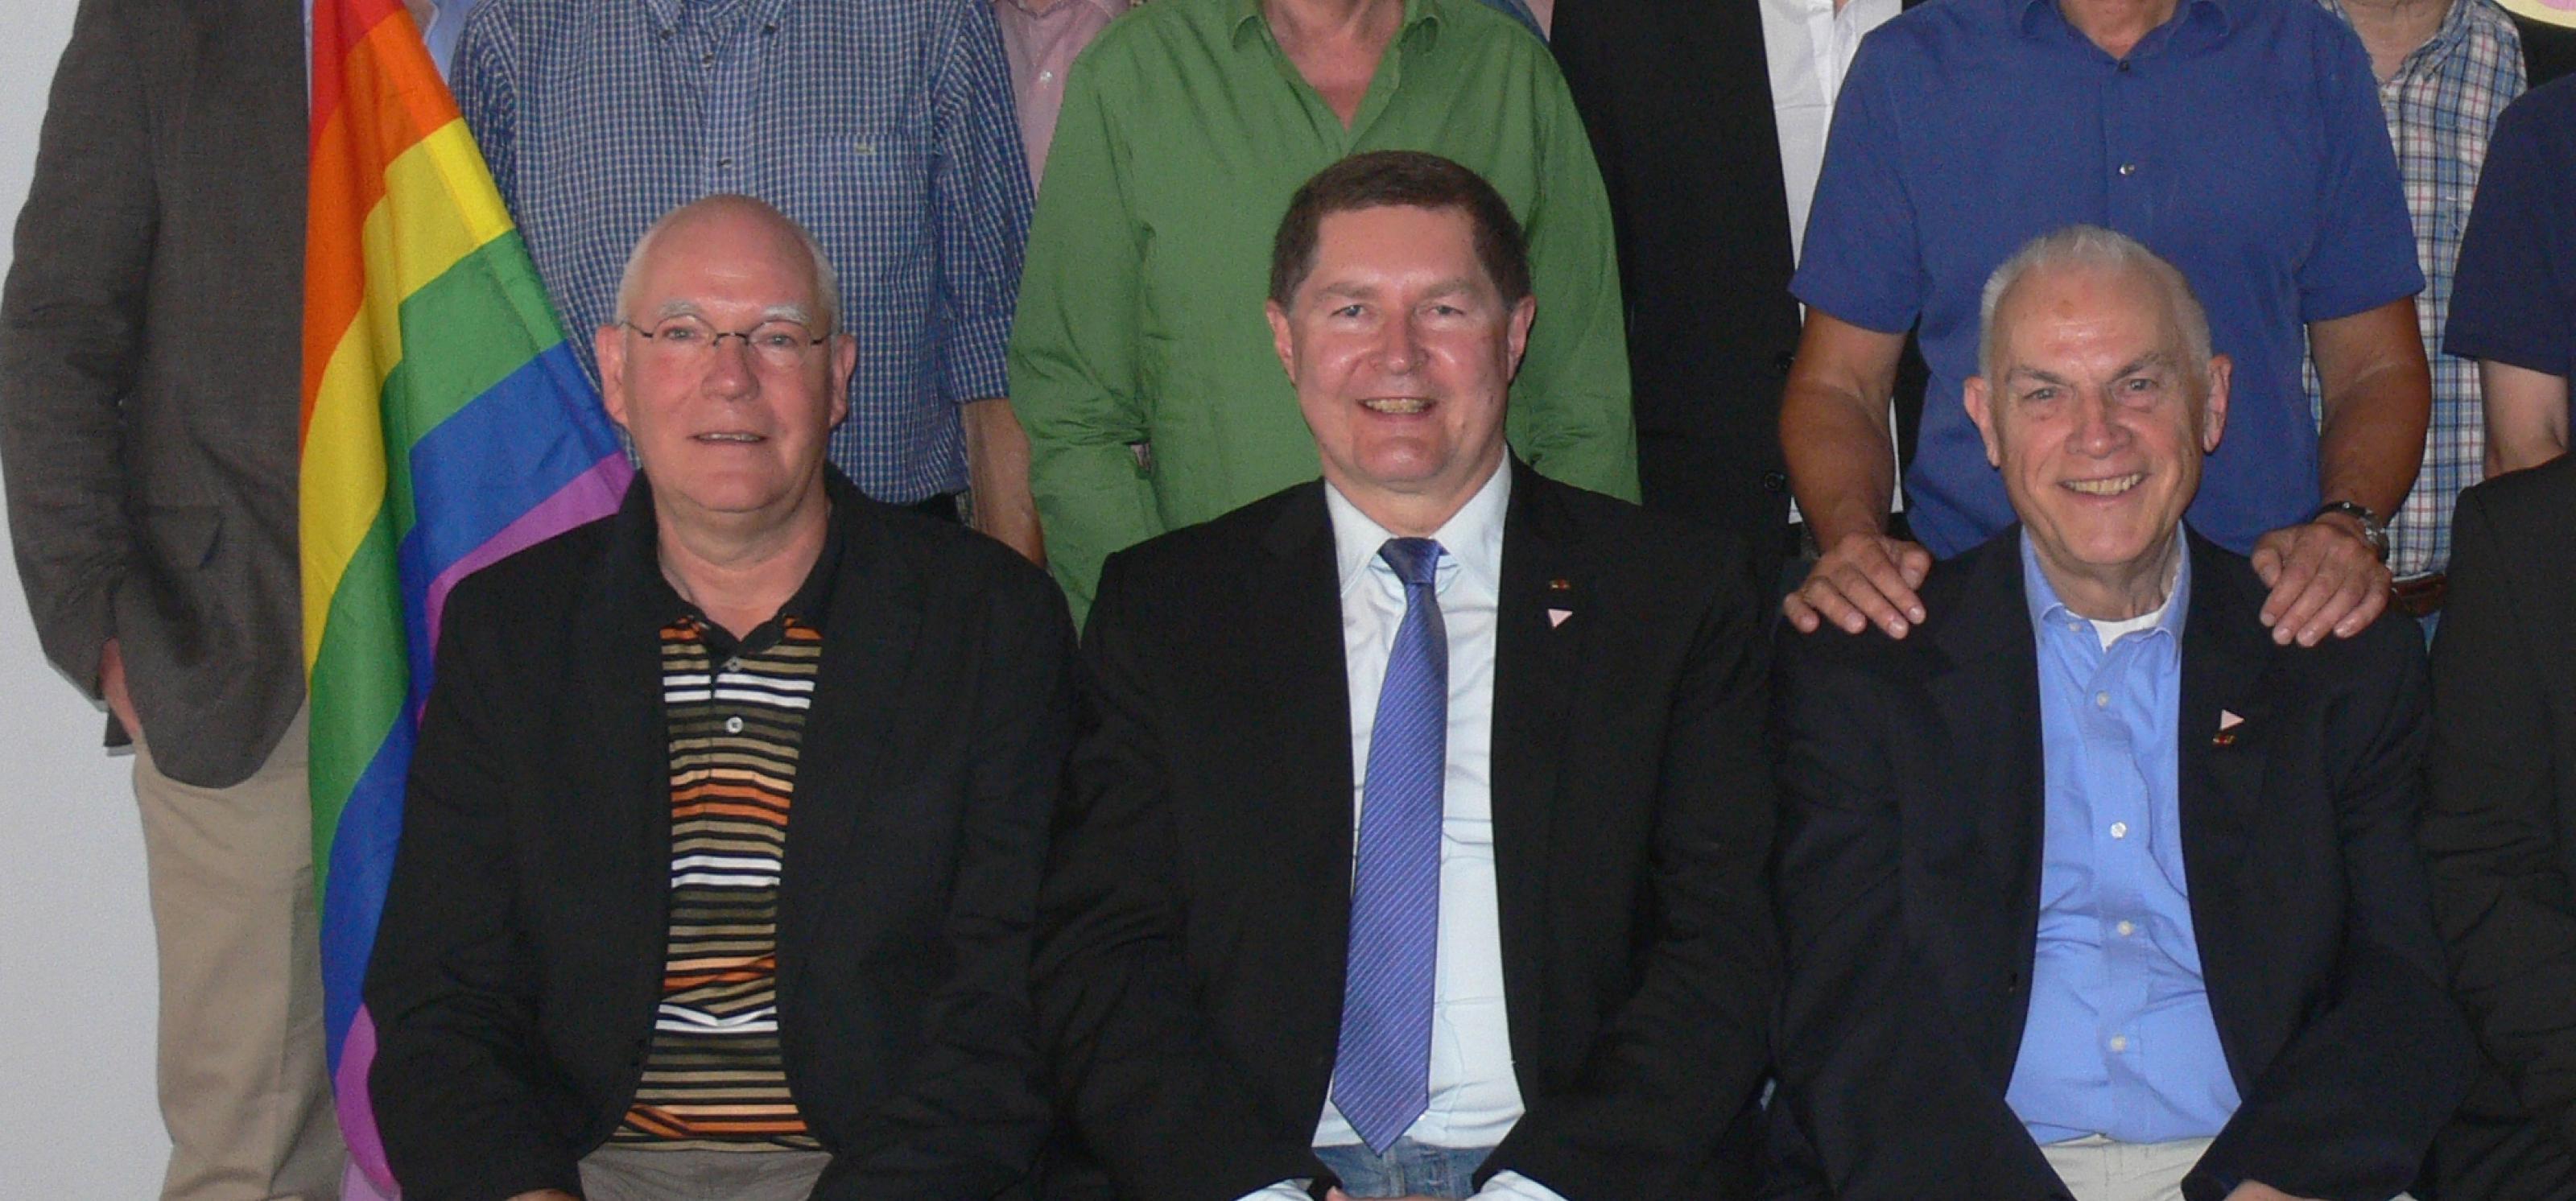 Gruppenfoto der Gründungsmitglieder